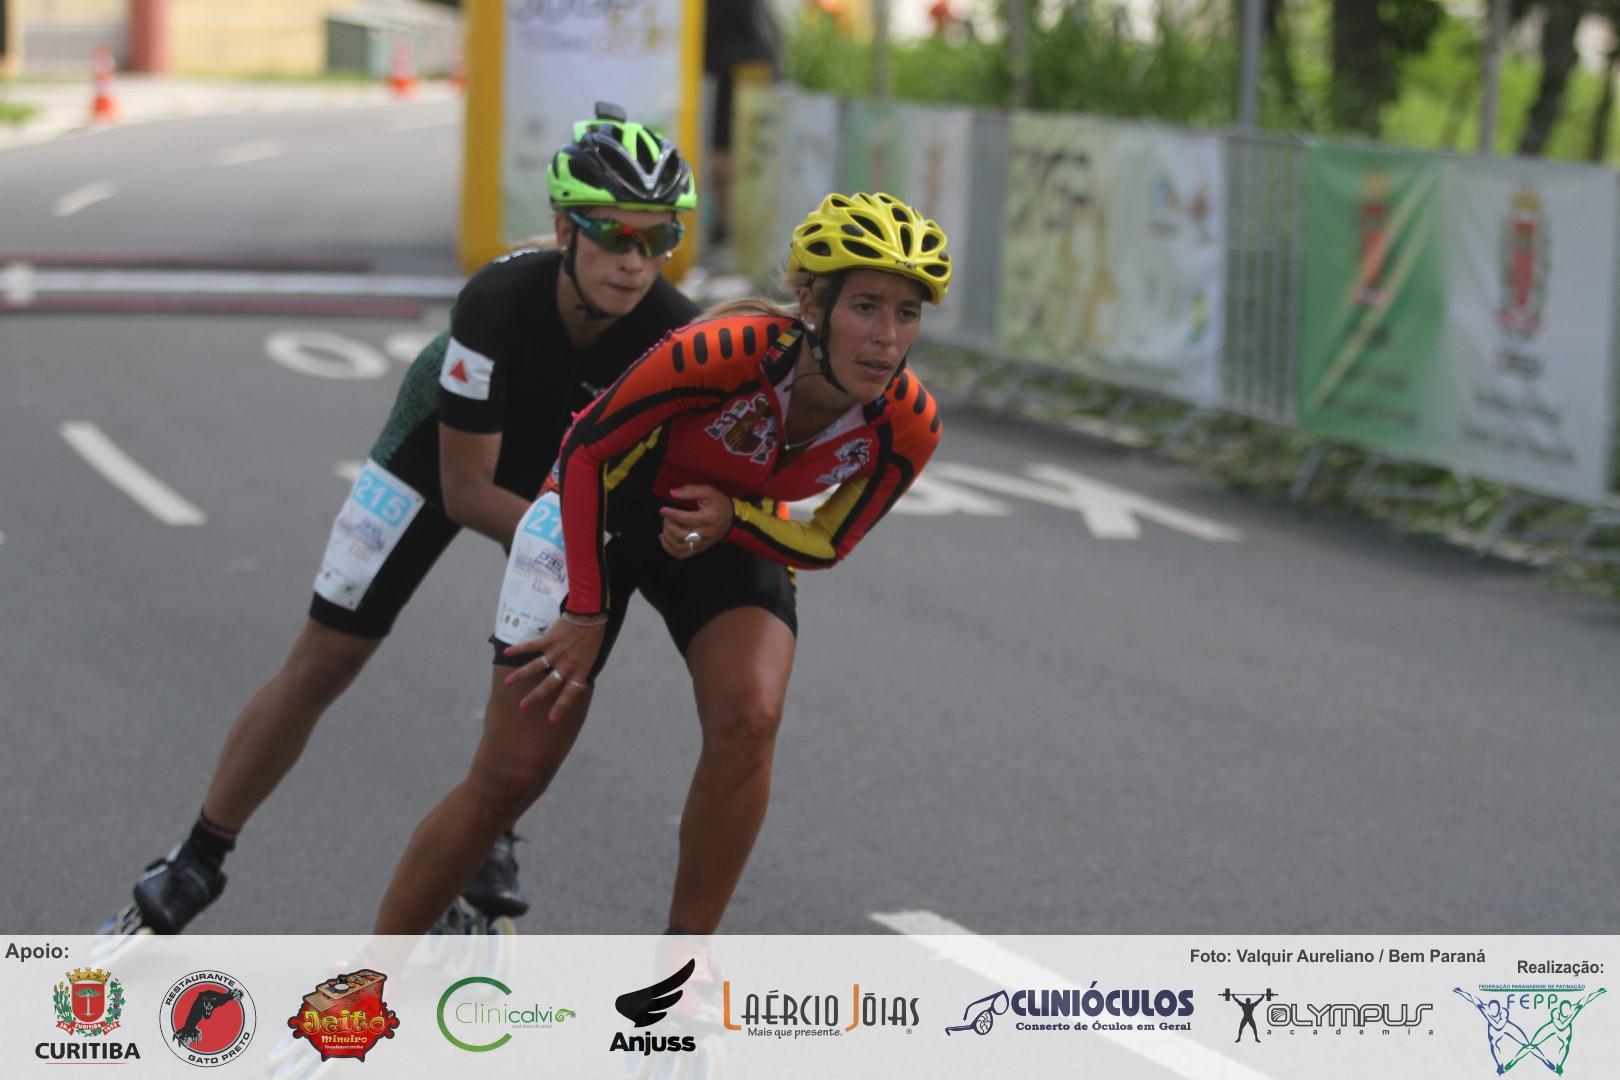 3-edicao-cwb-inline-marathon-2018-curitiba-paran-abrasil-maratona-internaciona-de-patinacao-de-velocidade-2018 (119)